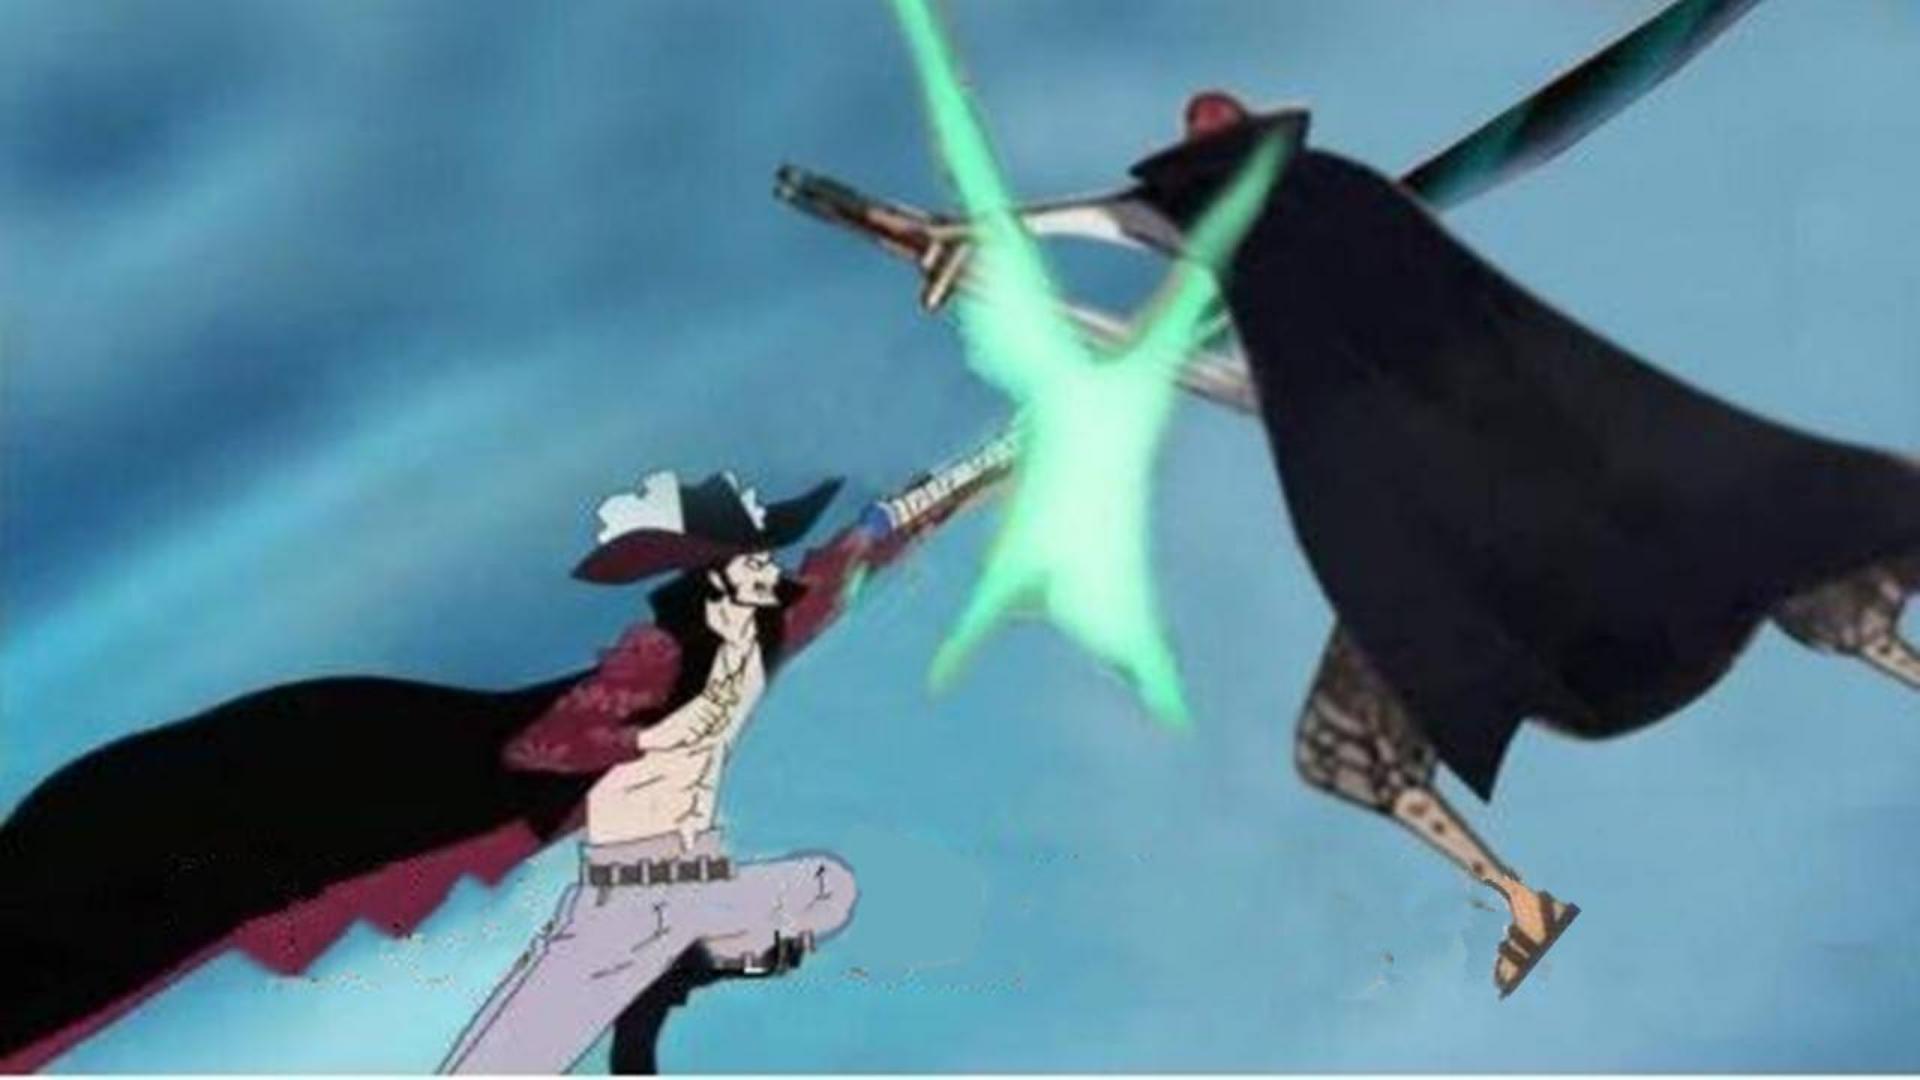 海贼王中已知的8把最强刀排名,四皇只占一把,黑刀占两把